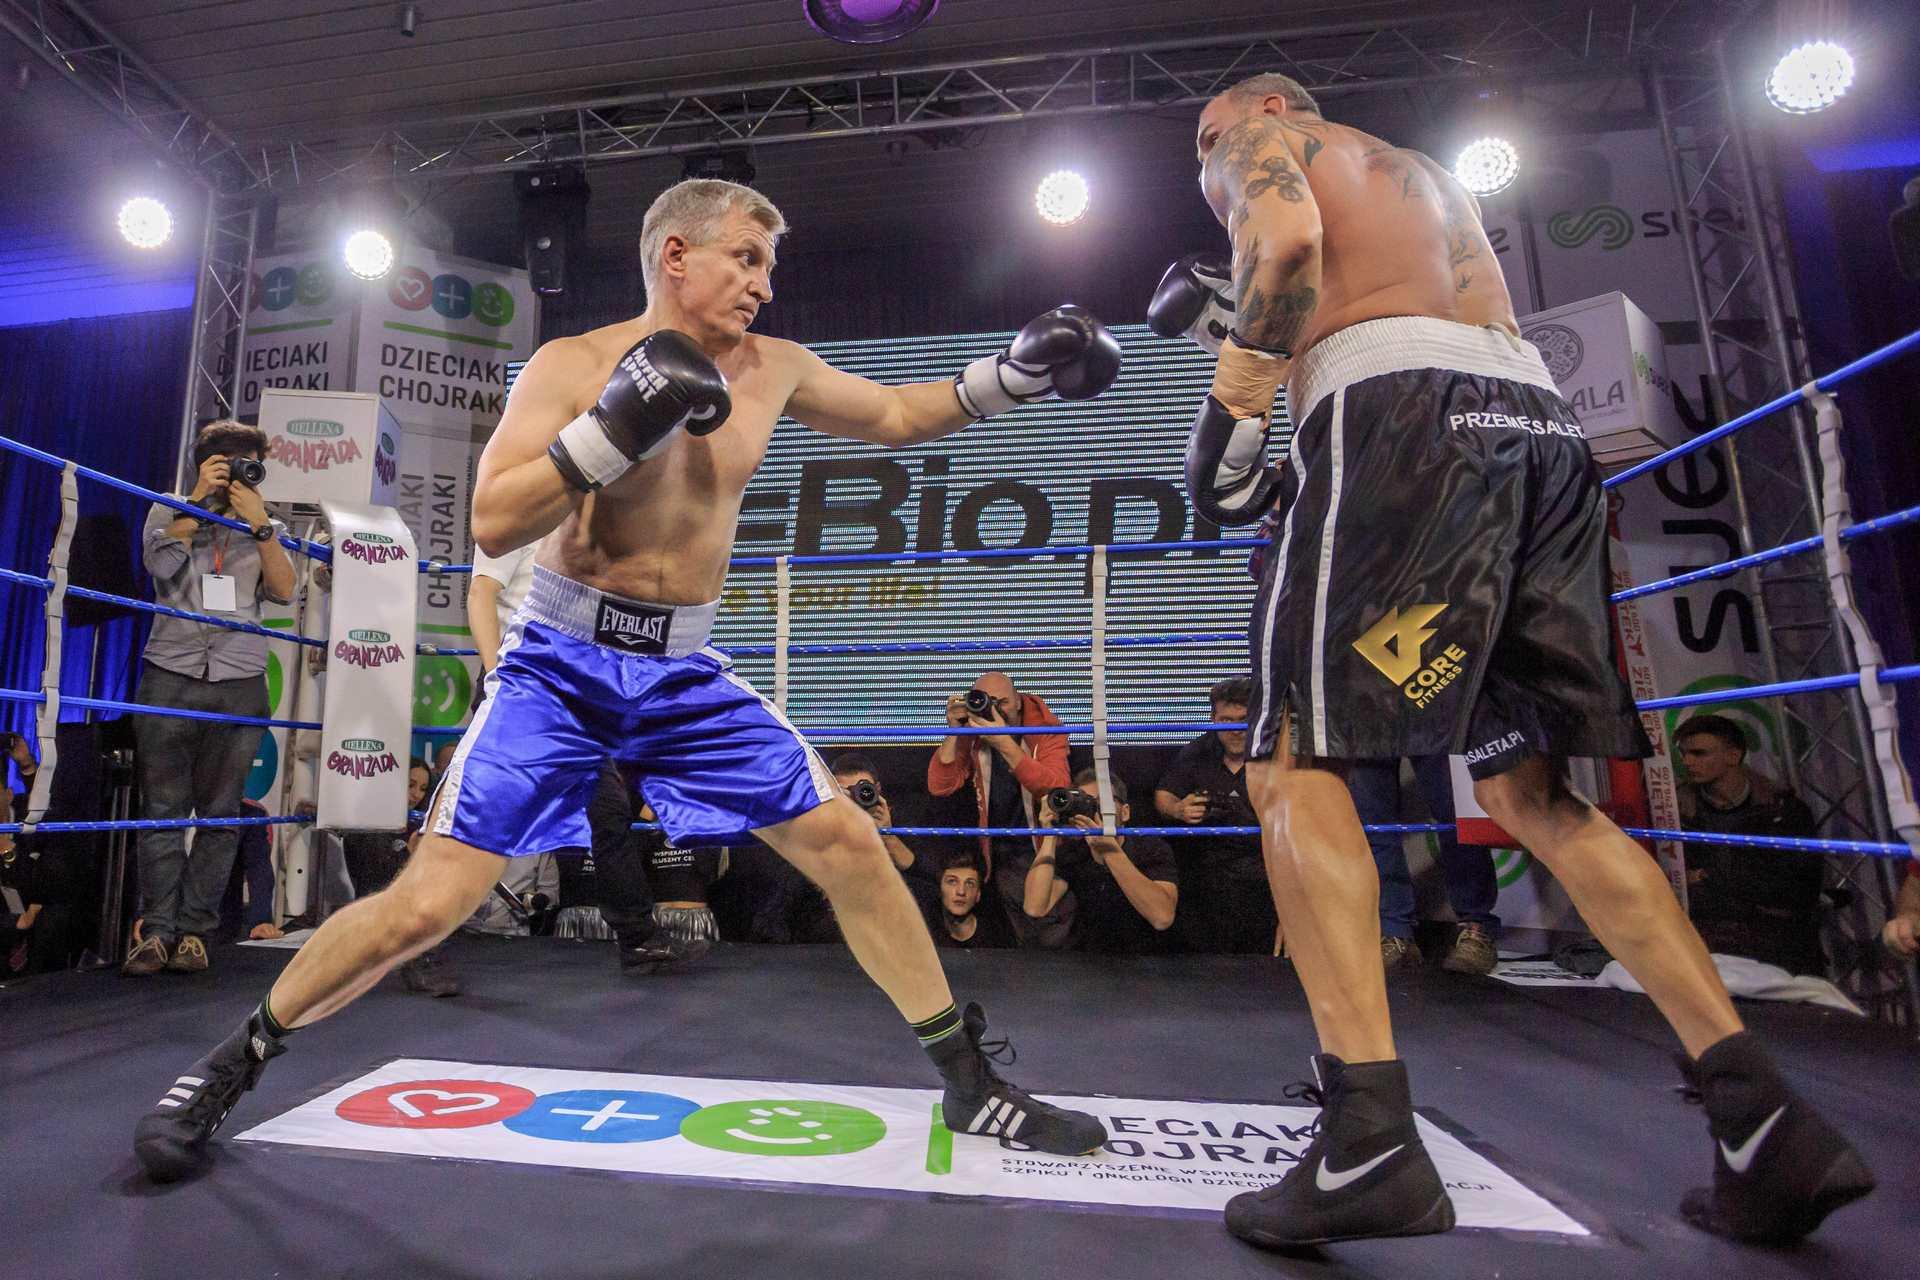 Charytatywna gala Biznes Boxing Polska